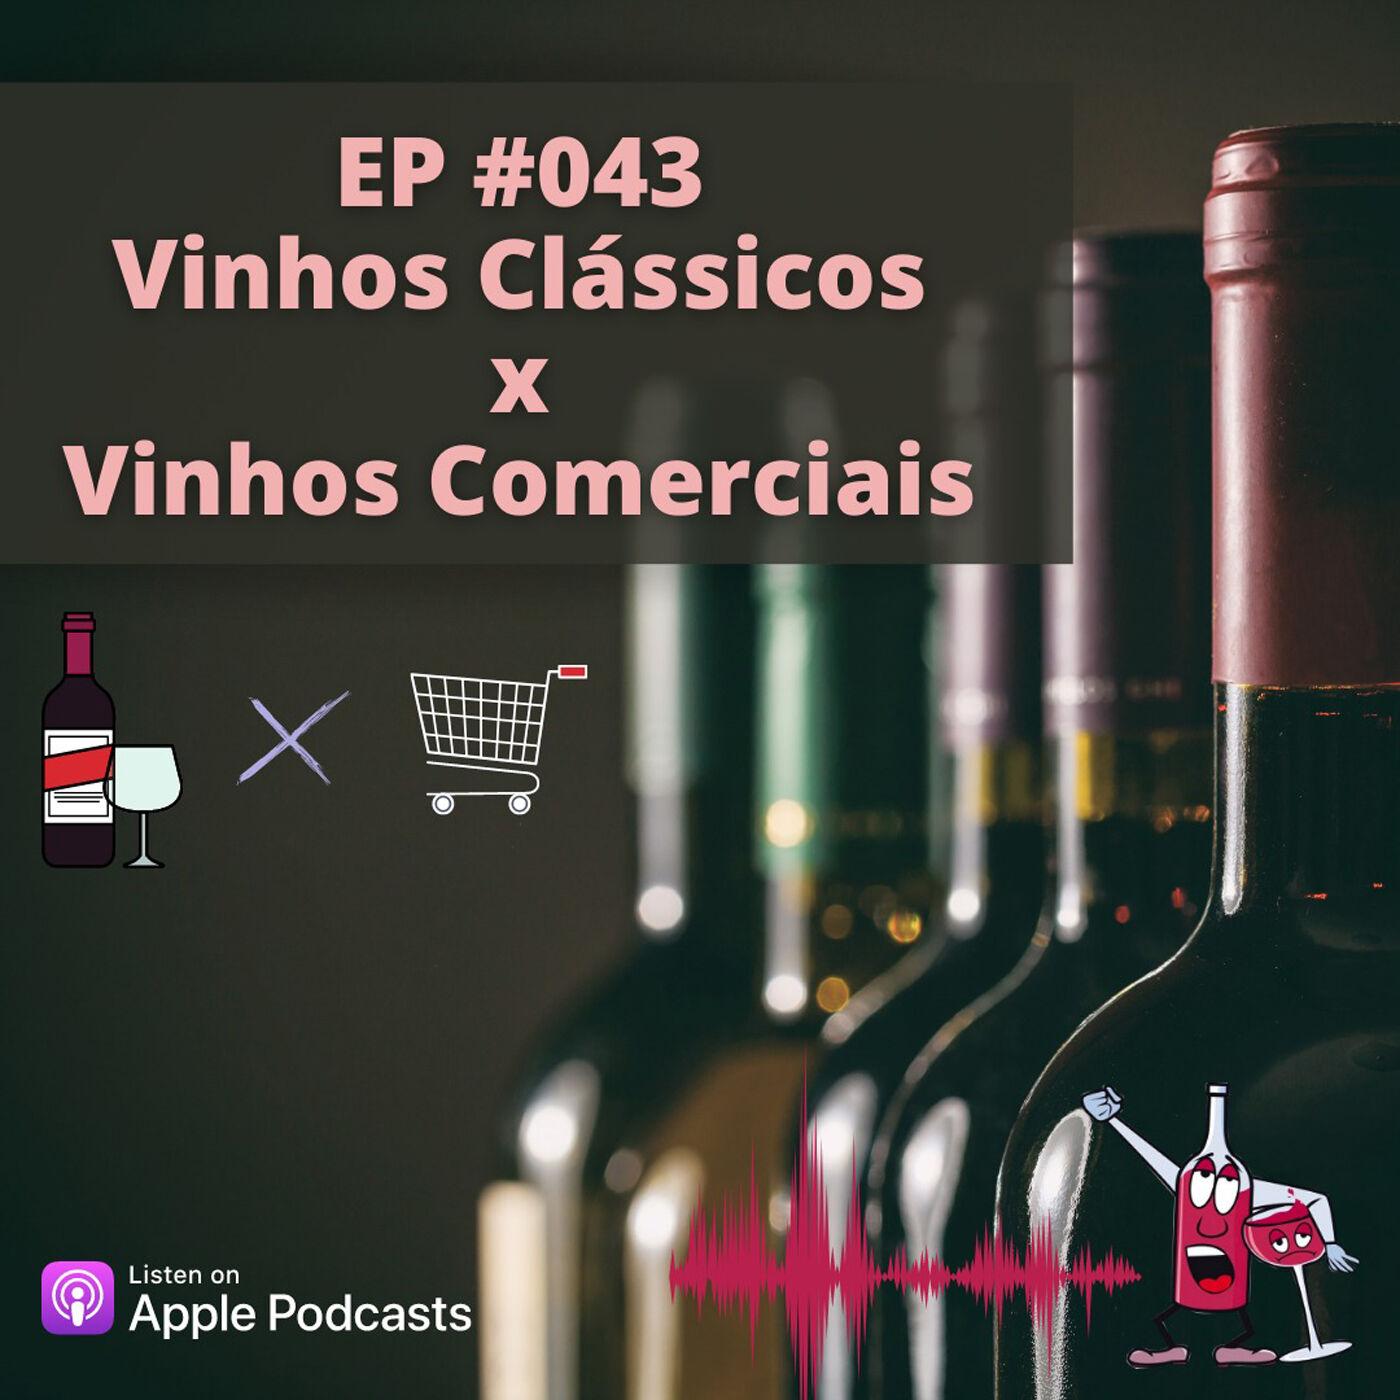 EP #043 - Vinhos Clássicos X Vinhos Comerciais